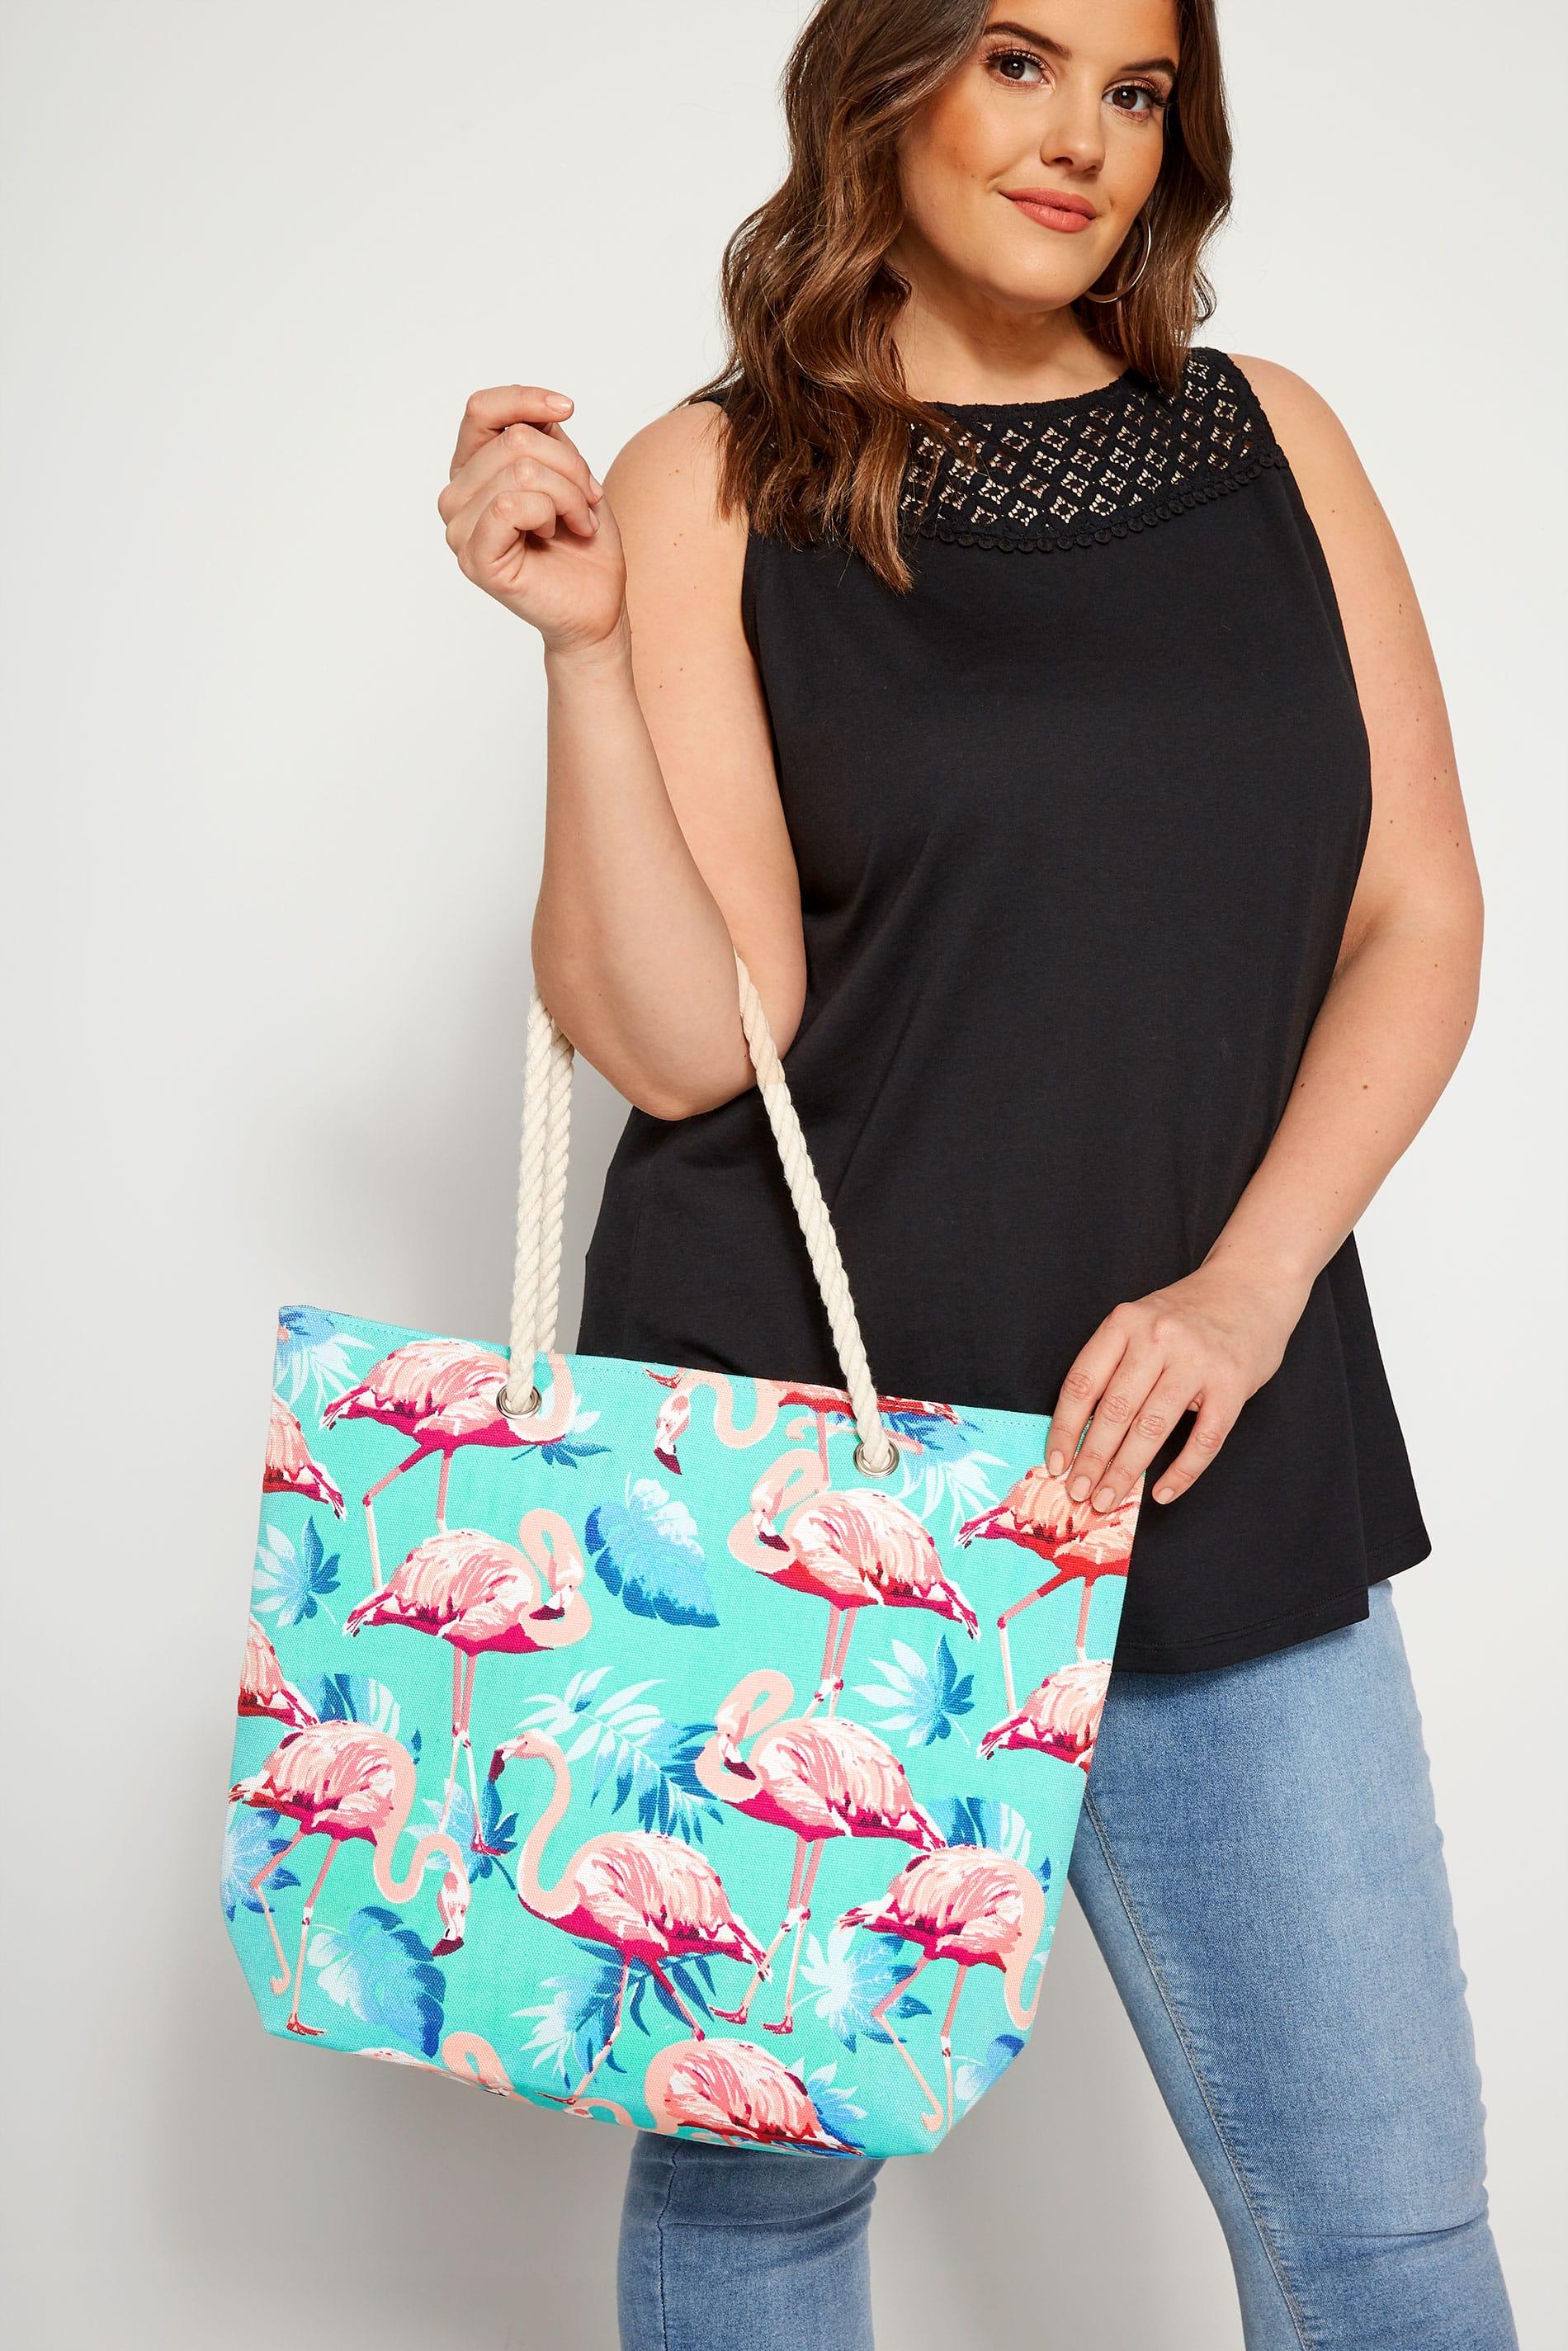 Flamingo-Strandtasche - Aqua